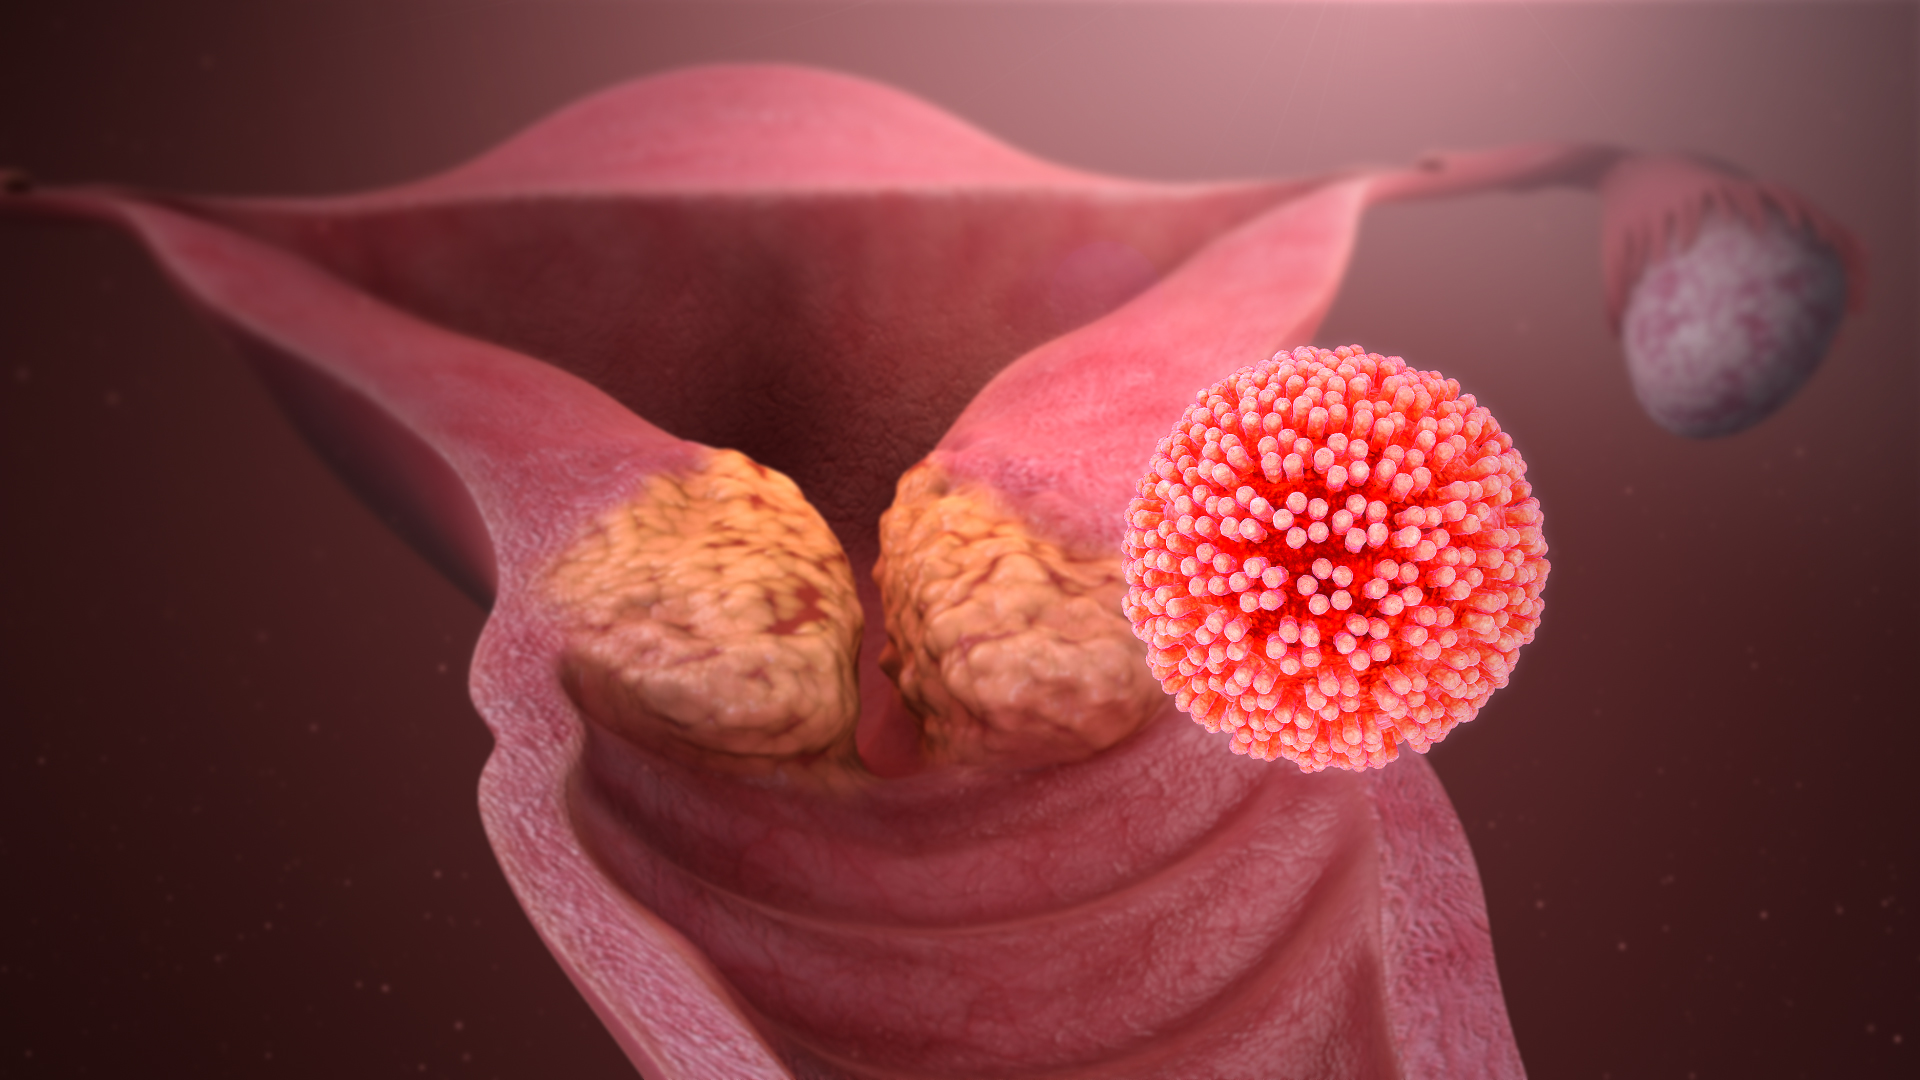 come si guarisce da papilloma virus)